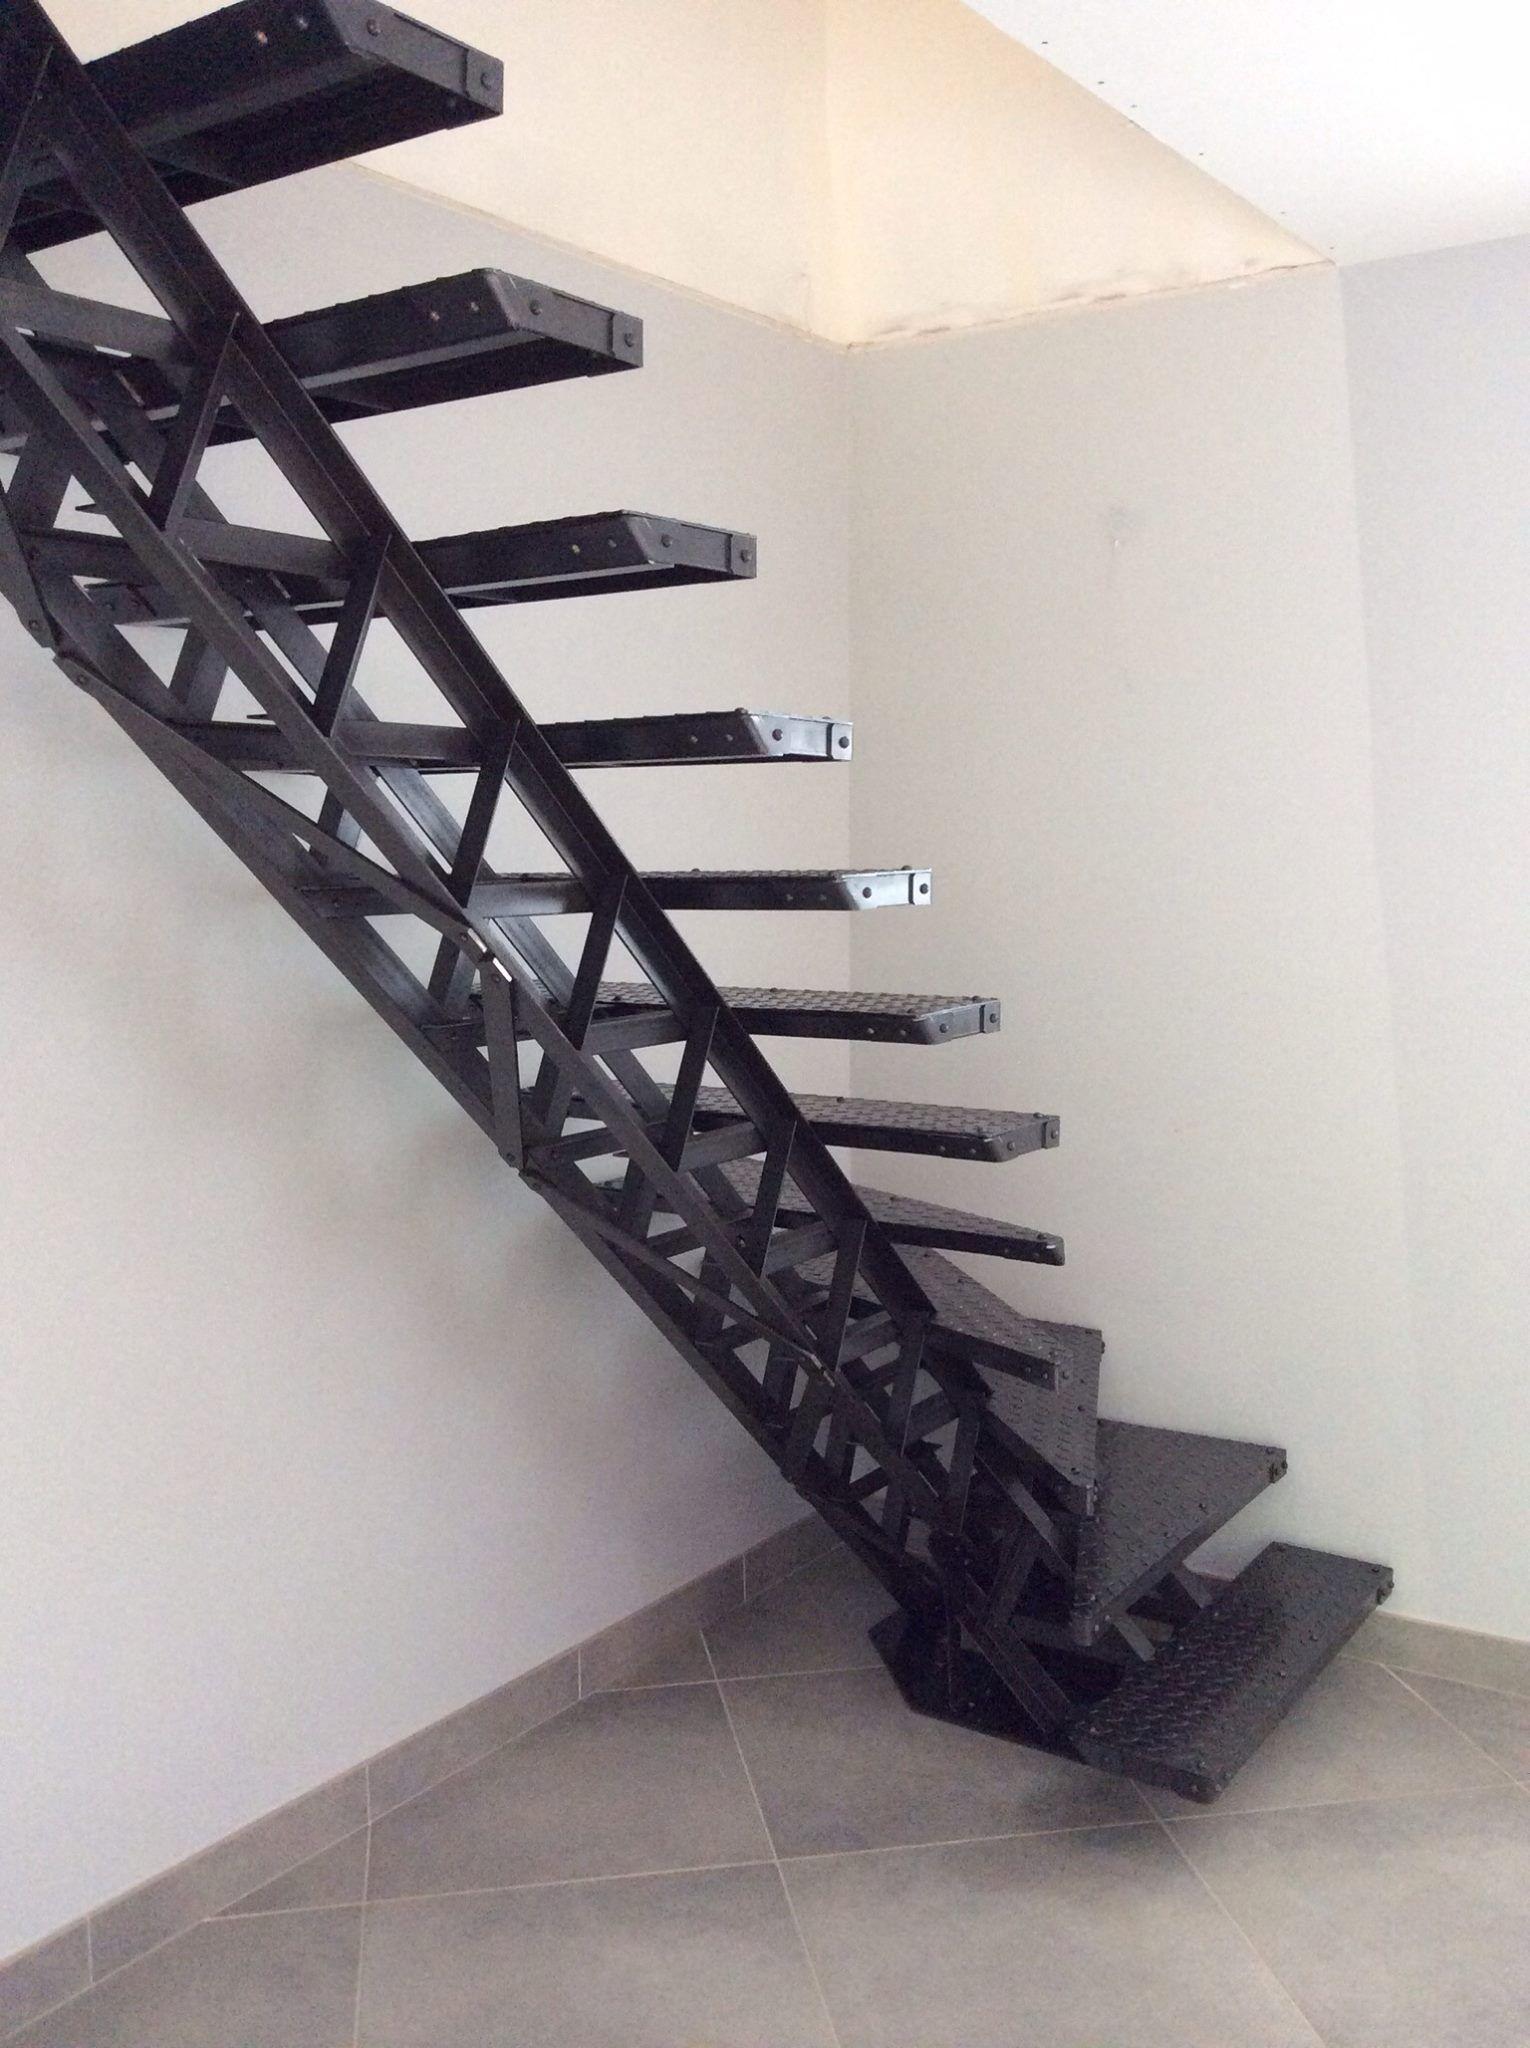 escalier type eiffel en acier avec limon central d billard 1 4 tournant cr am tal escaliers. Black Bedroom Furniture Sets. Home Design Ideas